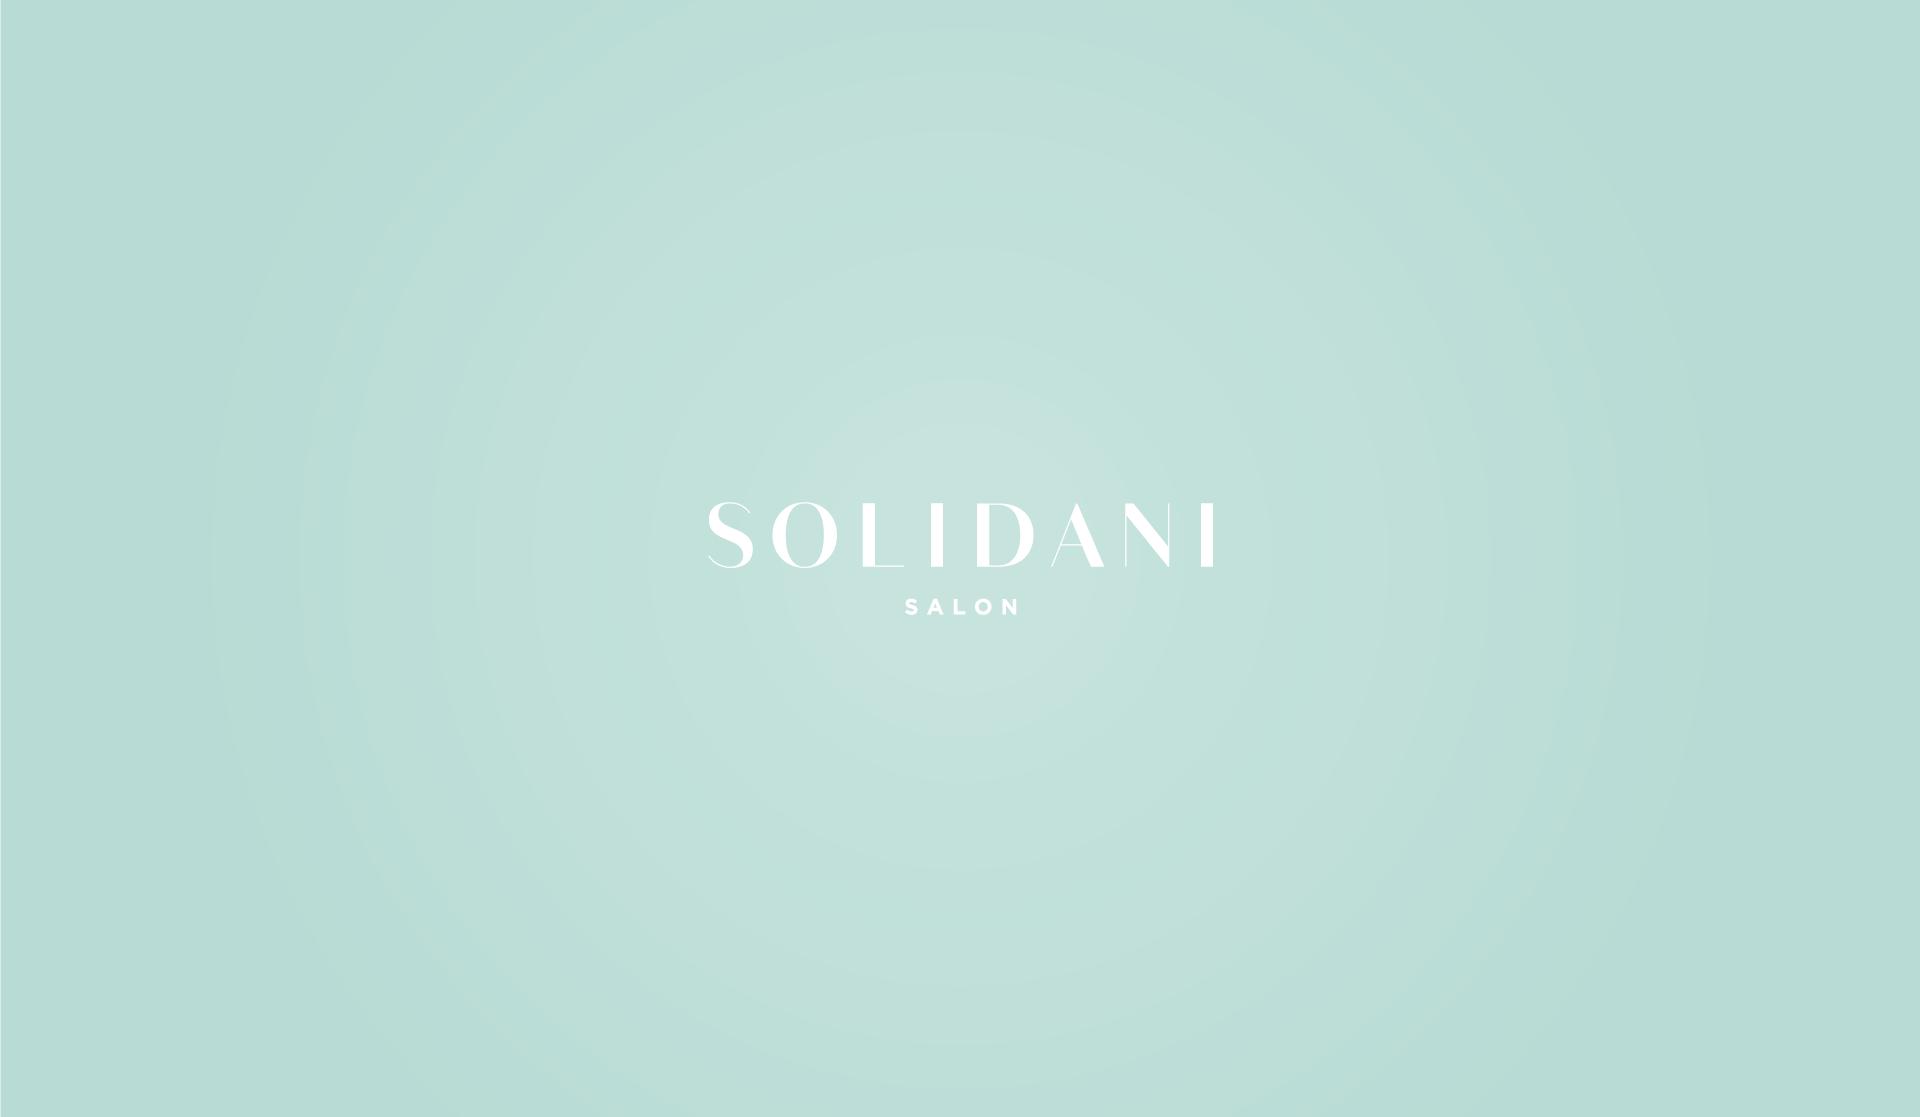 bouncy-particle-comunicazione-marketing-solidani-salon